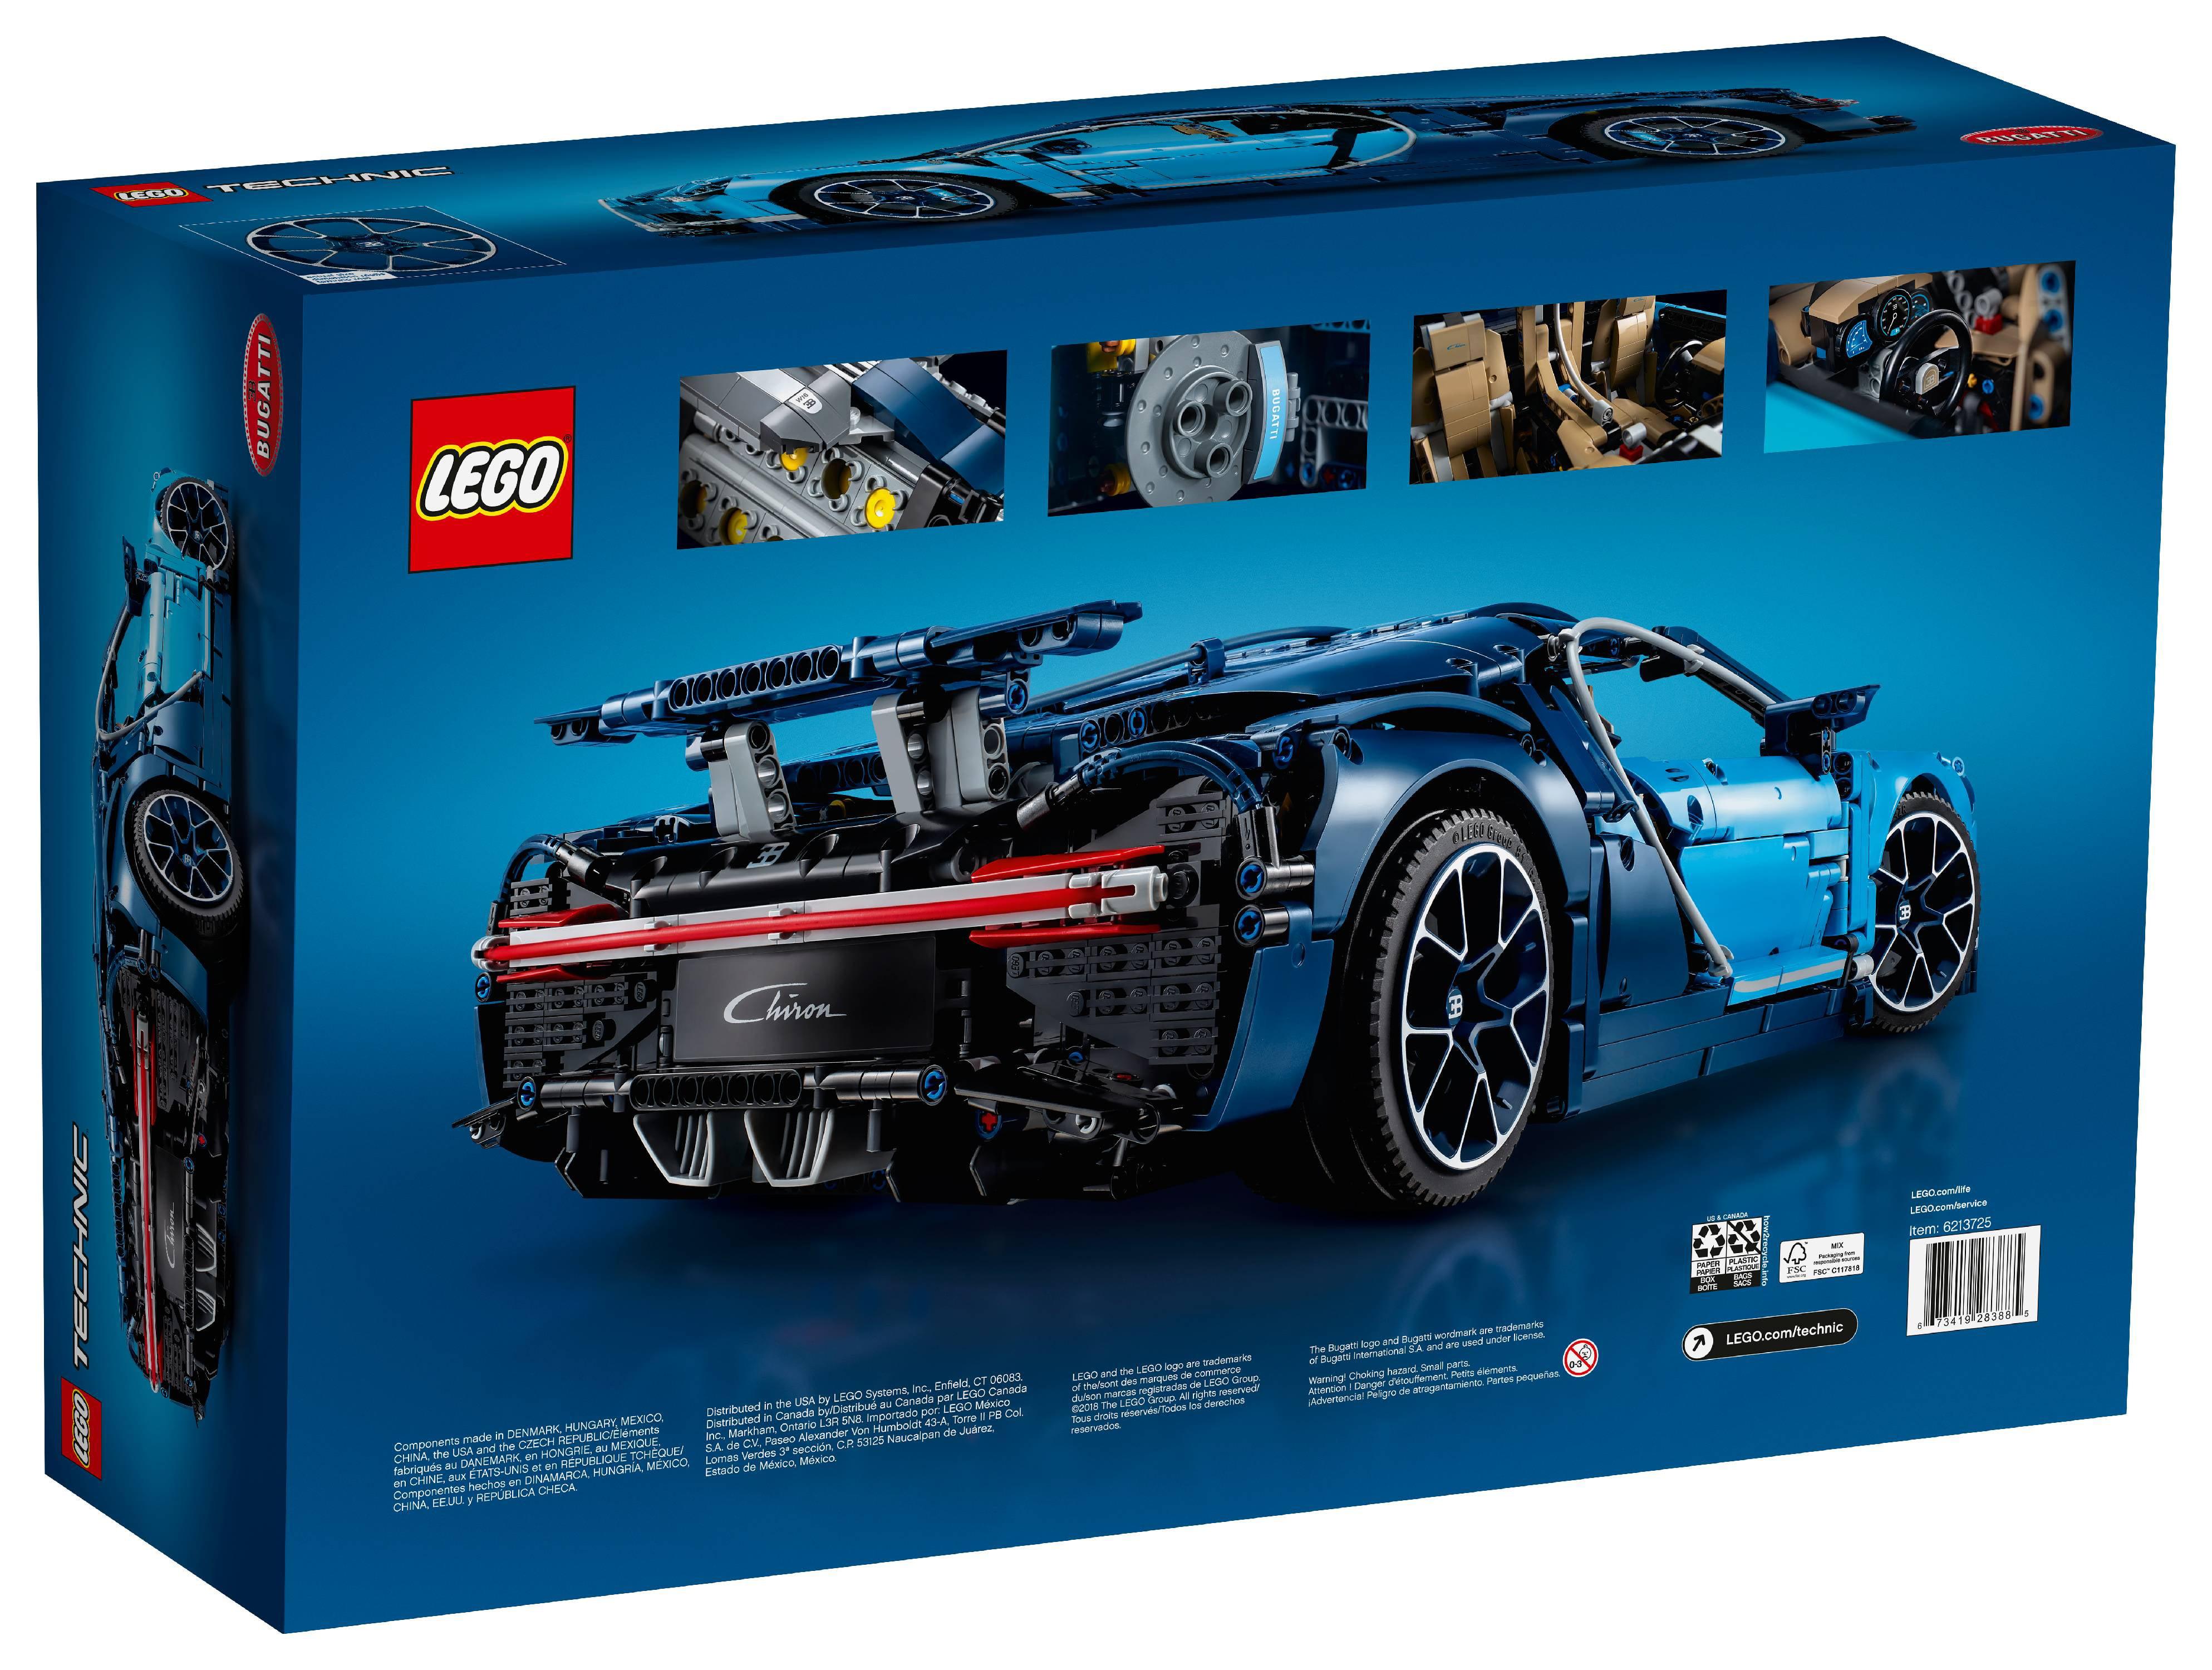 Lego Lego Bugatti Technic 42083 Technic Chiron Chiron Lego Bugatti 42083 uKJ31FTlc